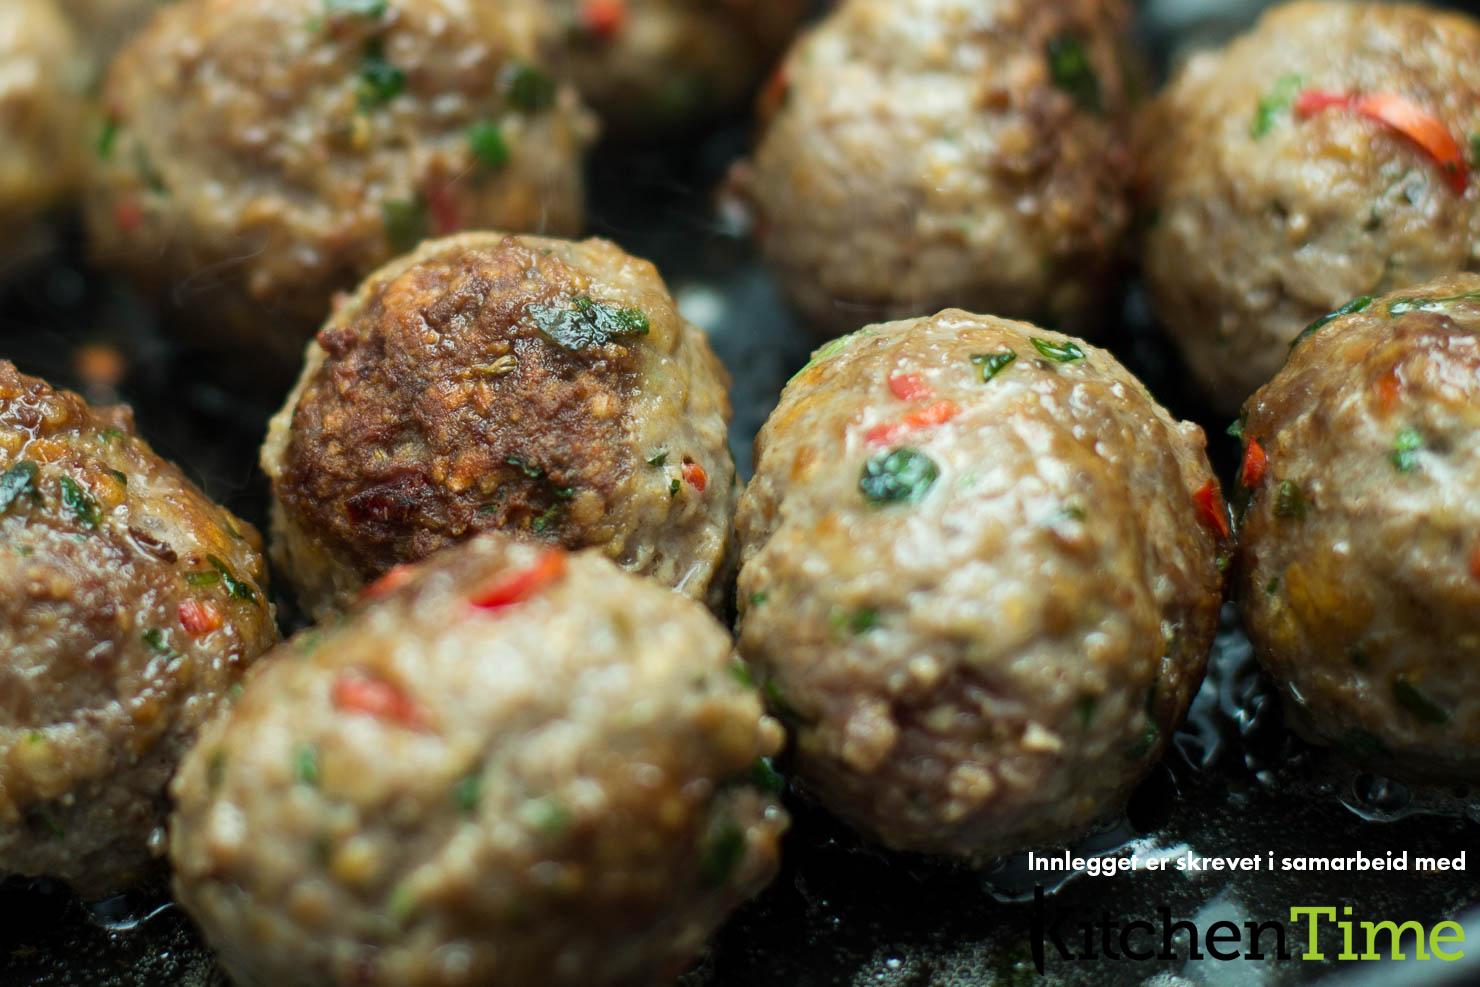 Steking | Spaghetti og kjøttboller med enkel marinarasaus | Kitchentime